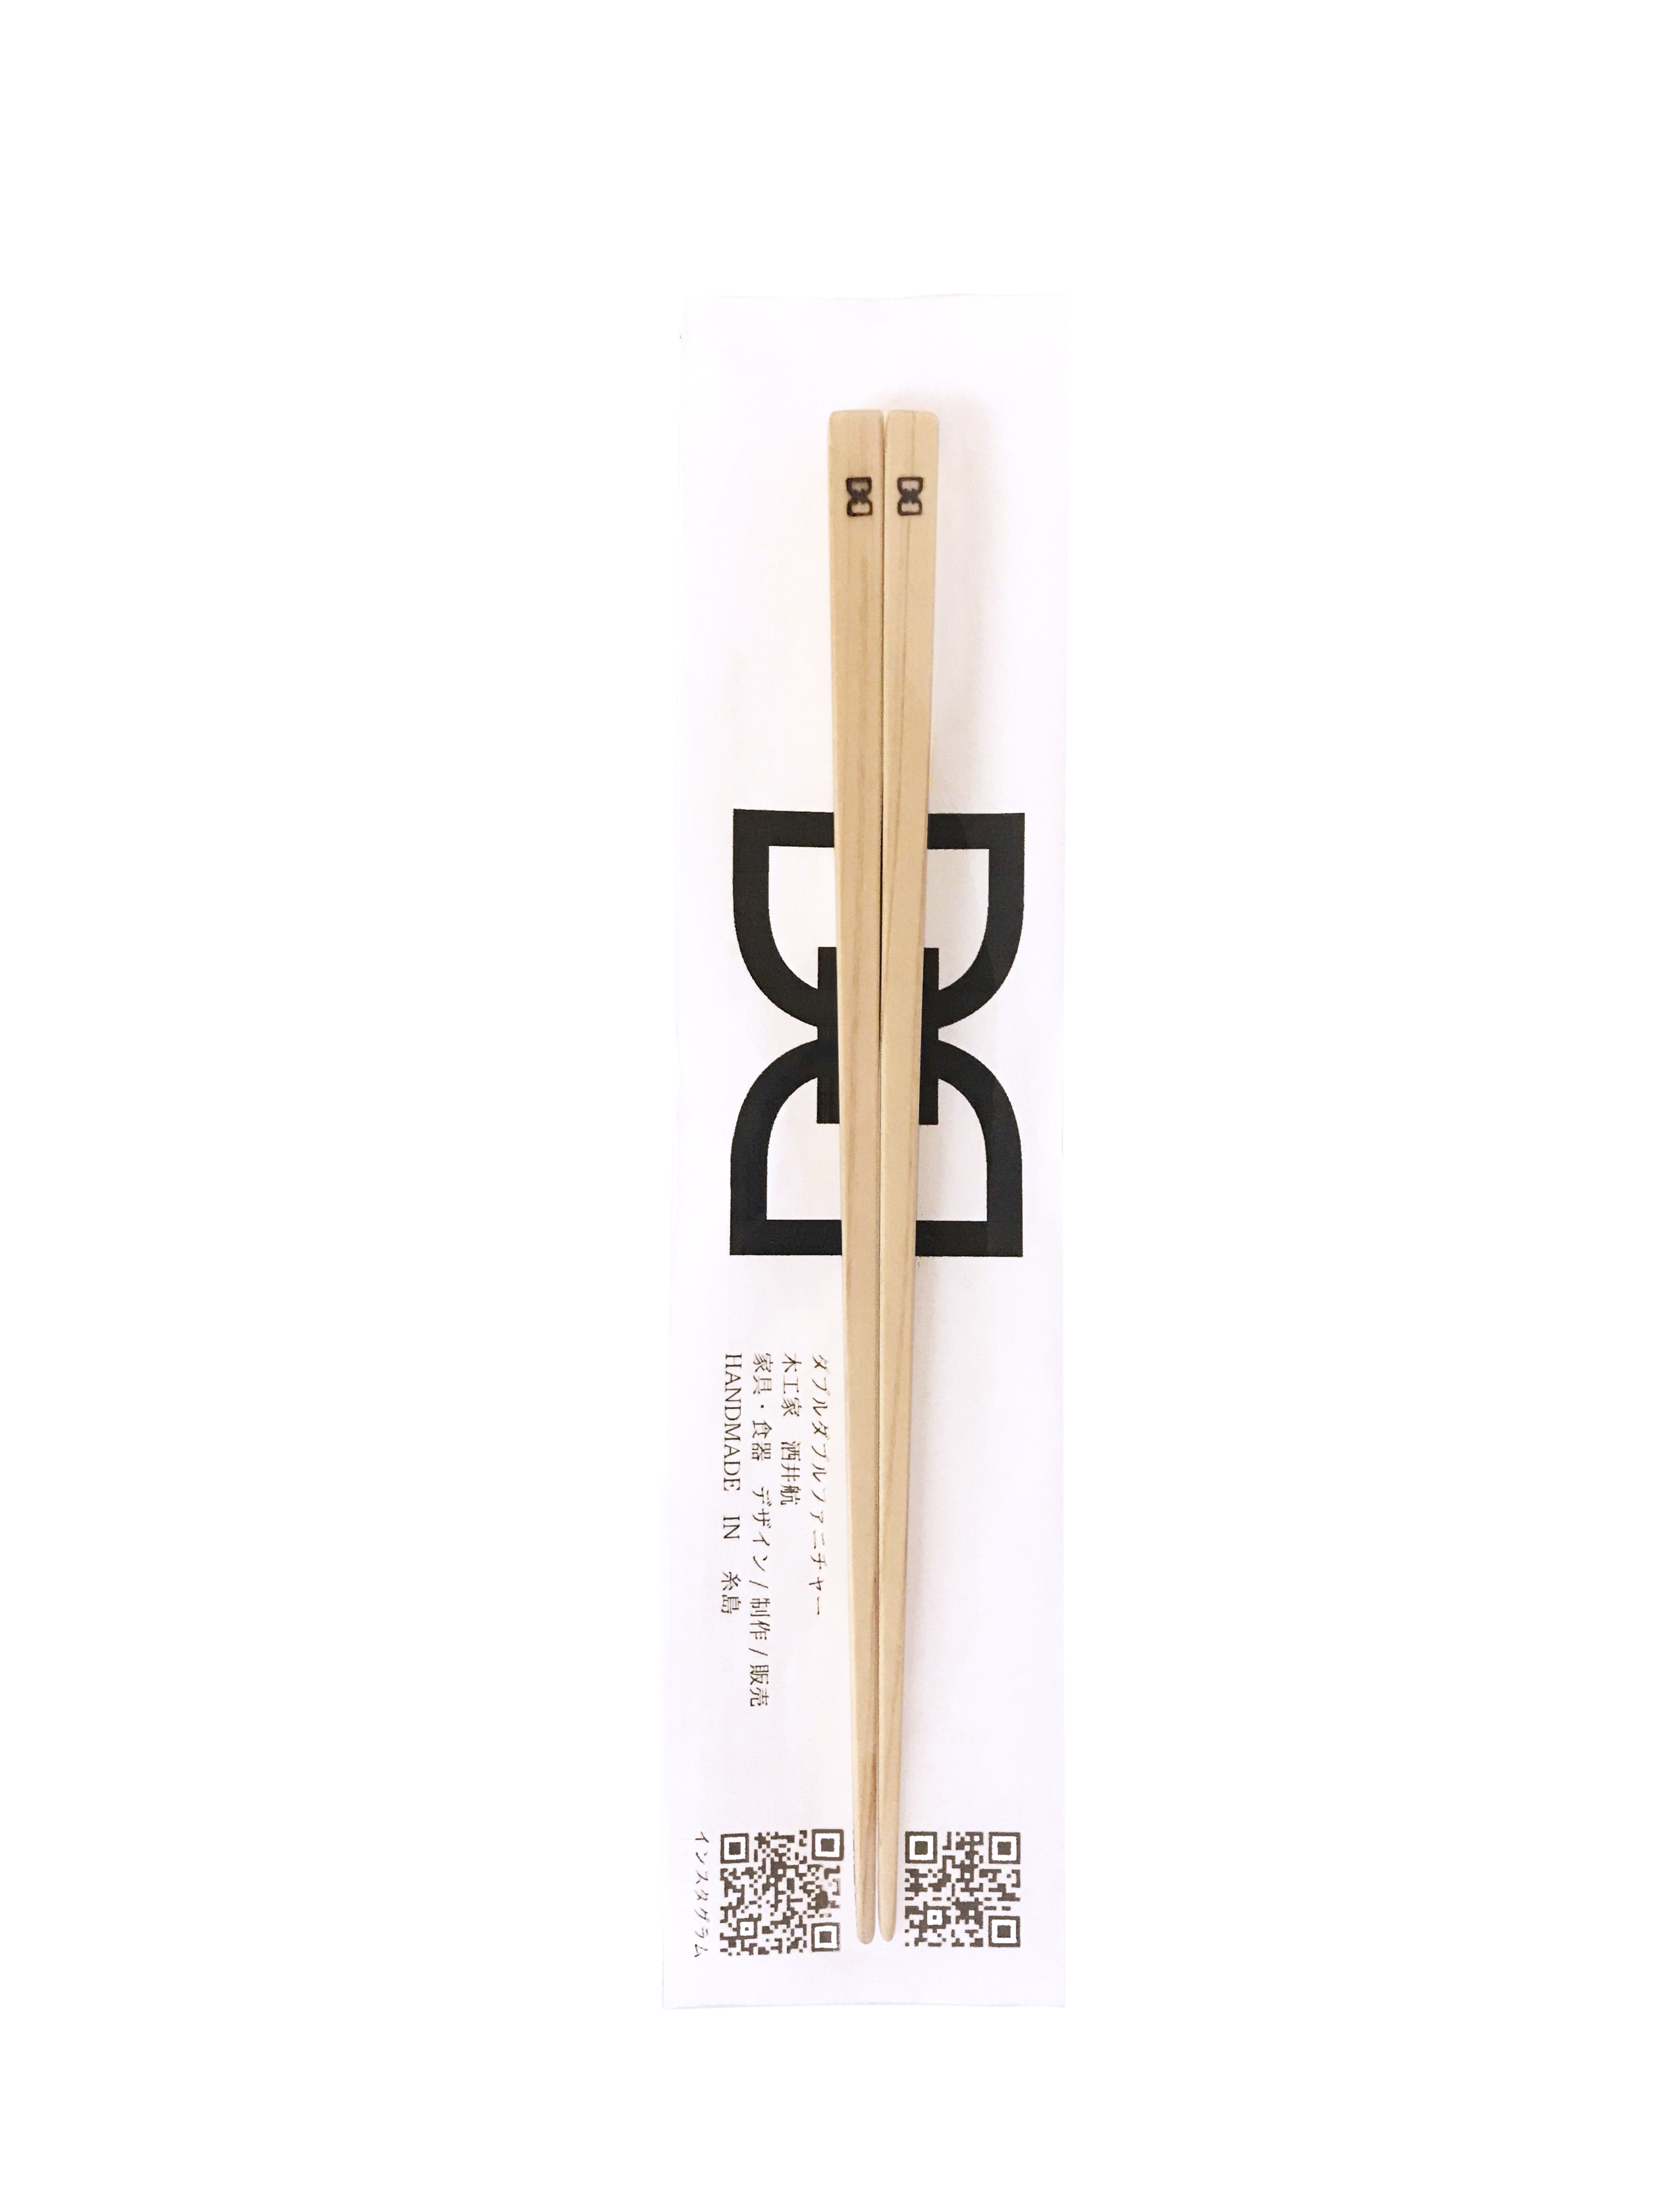 一蘭ラーメン&糸島産ひのき箸